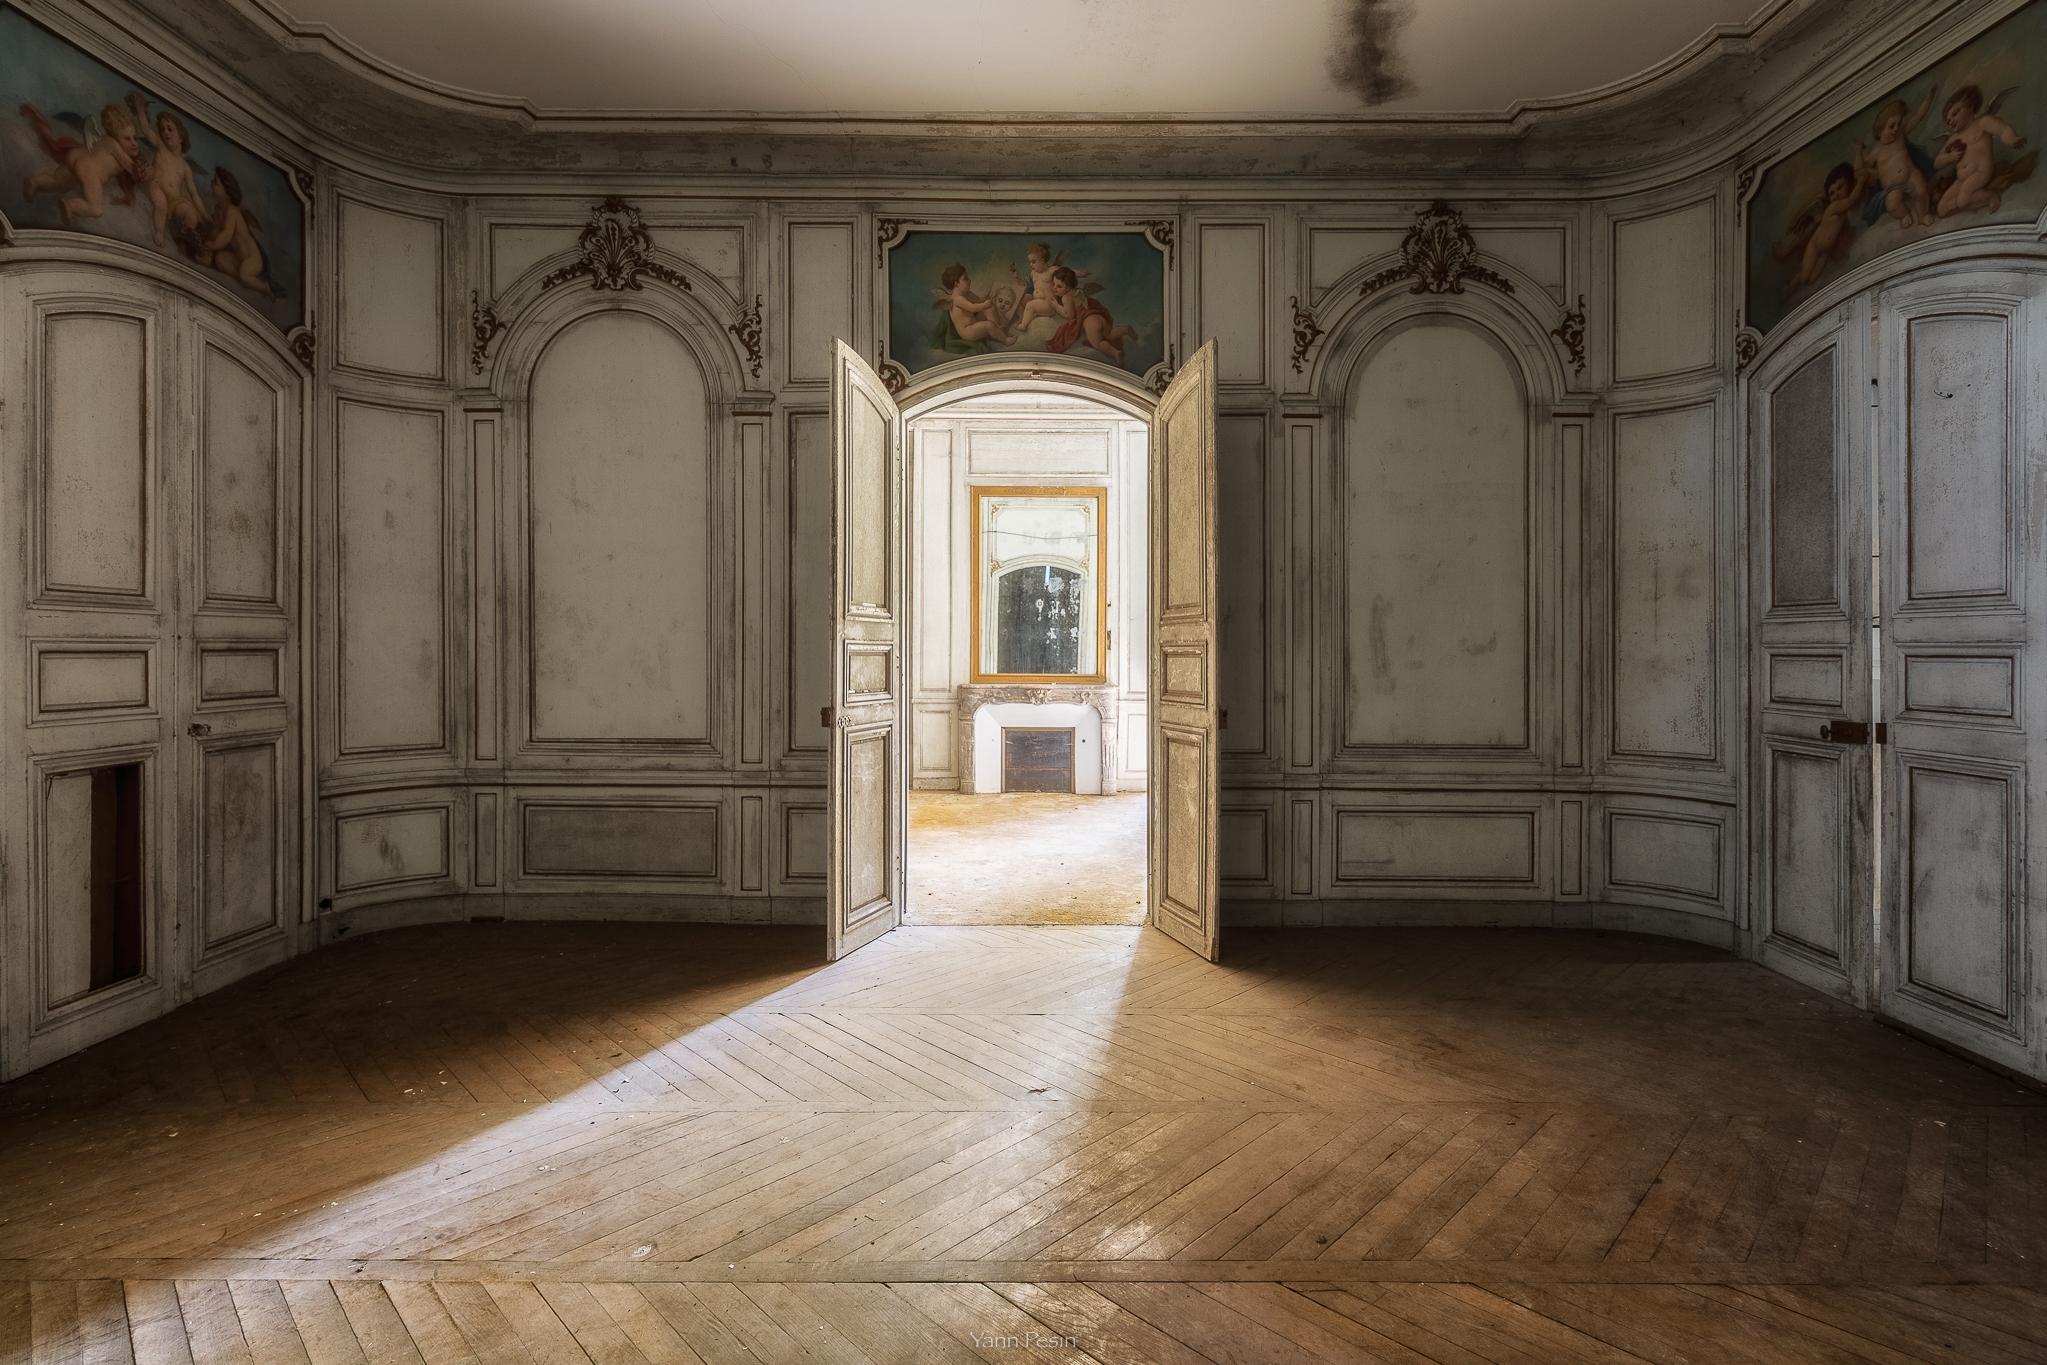 sfondi finestra urbano abbandonato parete legna simmetria castello colonna porta arco. Black Bedroom Furniture Sets. Home Design Ideas